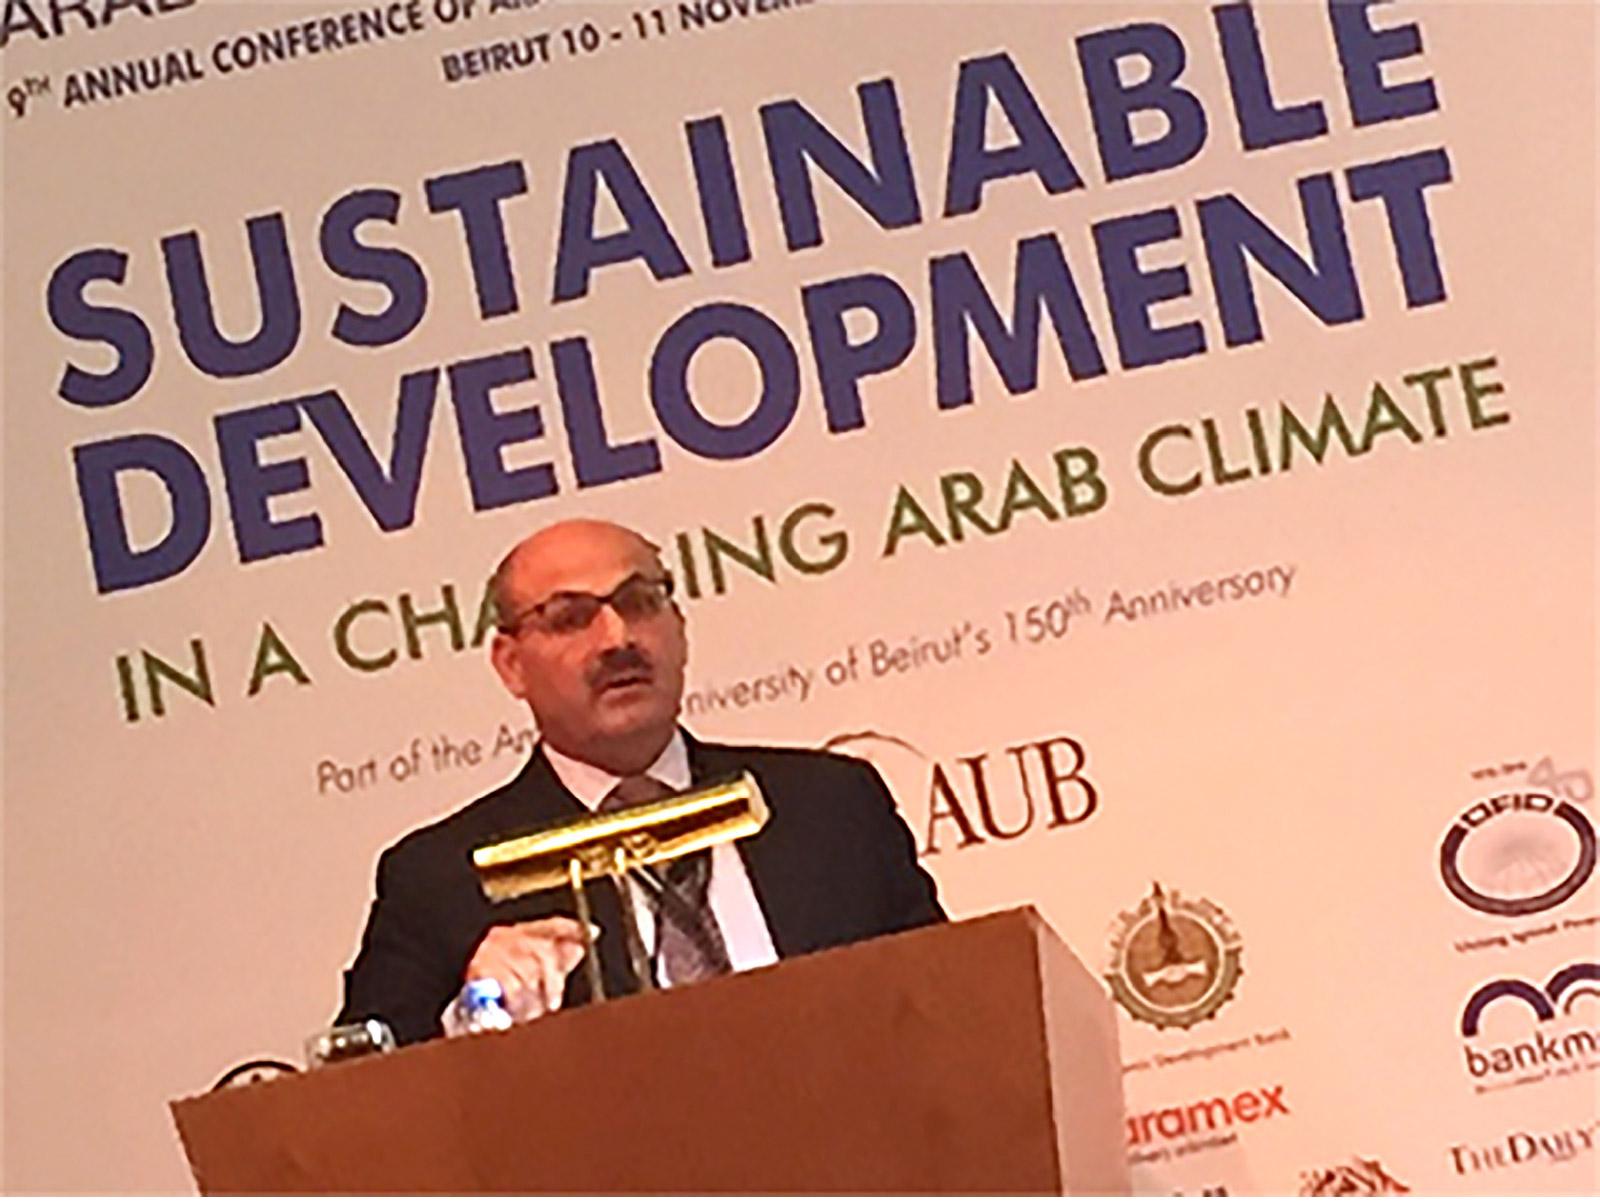 وليد زباري: لابد من دور التعليم والتربية لتحقيق أهداف التنمية المستدامة في الوطن العربي